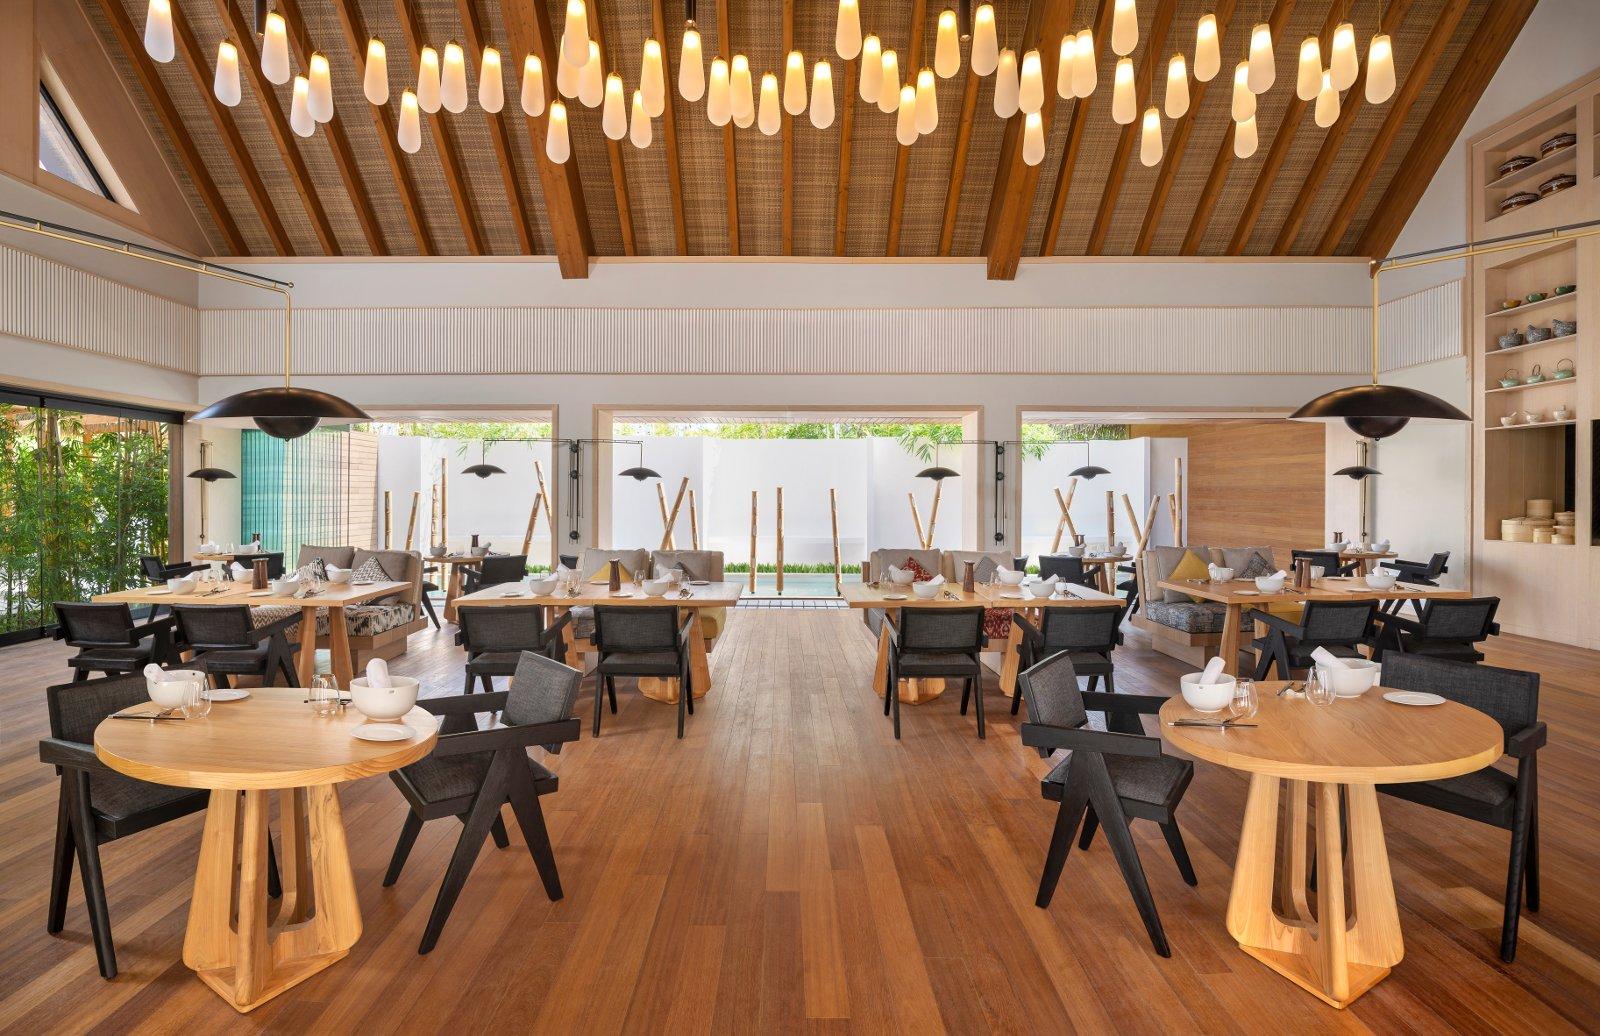 """Zur Mittagszeit genießen Urlauber im """"Tangled"""" des Waldorf Astoria Maldives verschiedene Nudel- und Teiggerichte aus Asien. Bildnachweis: Waldorf Astoria Hotels & Resorts"""